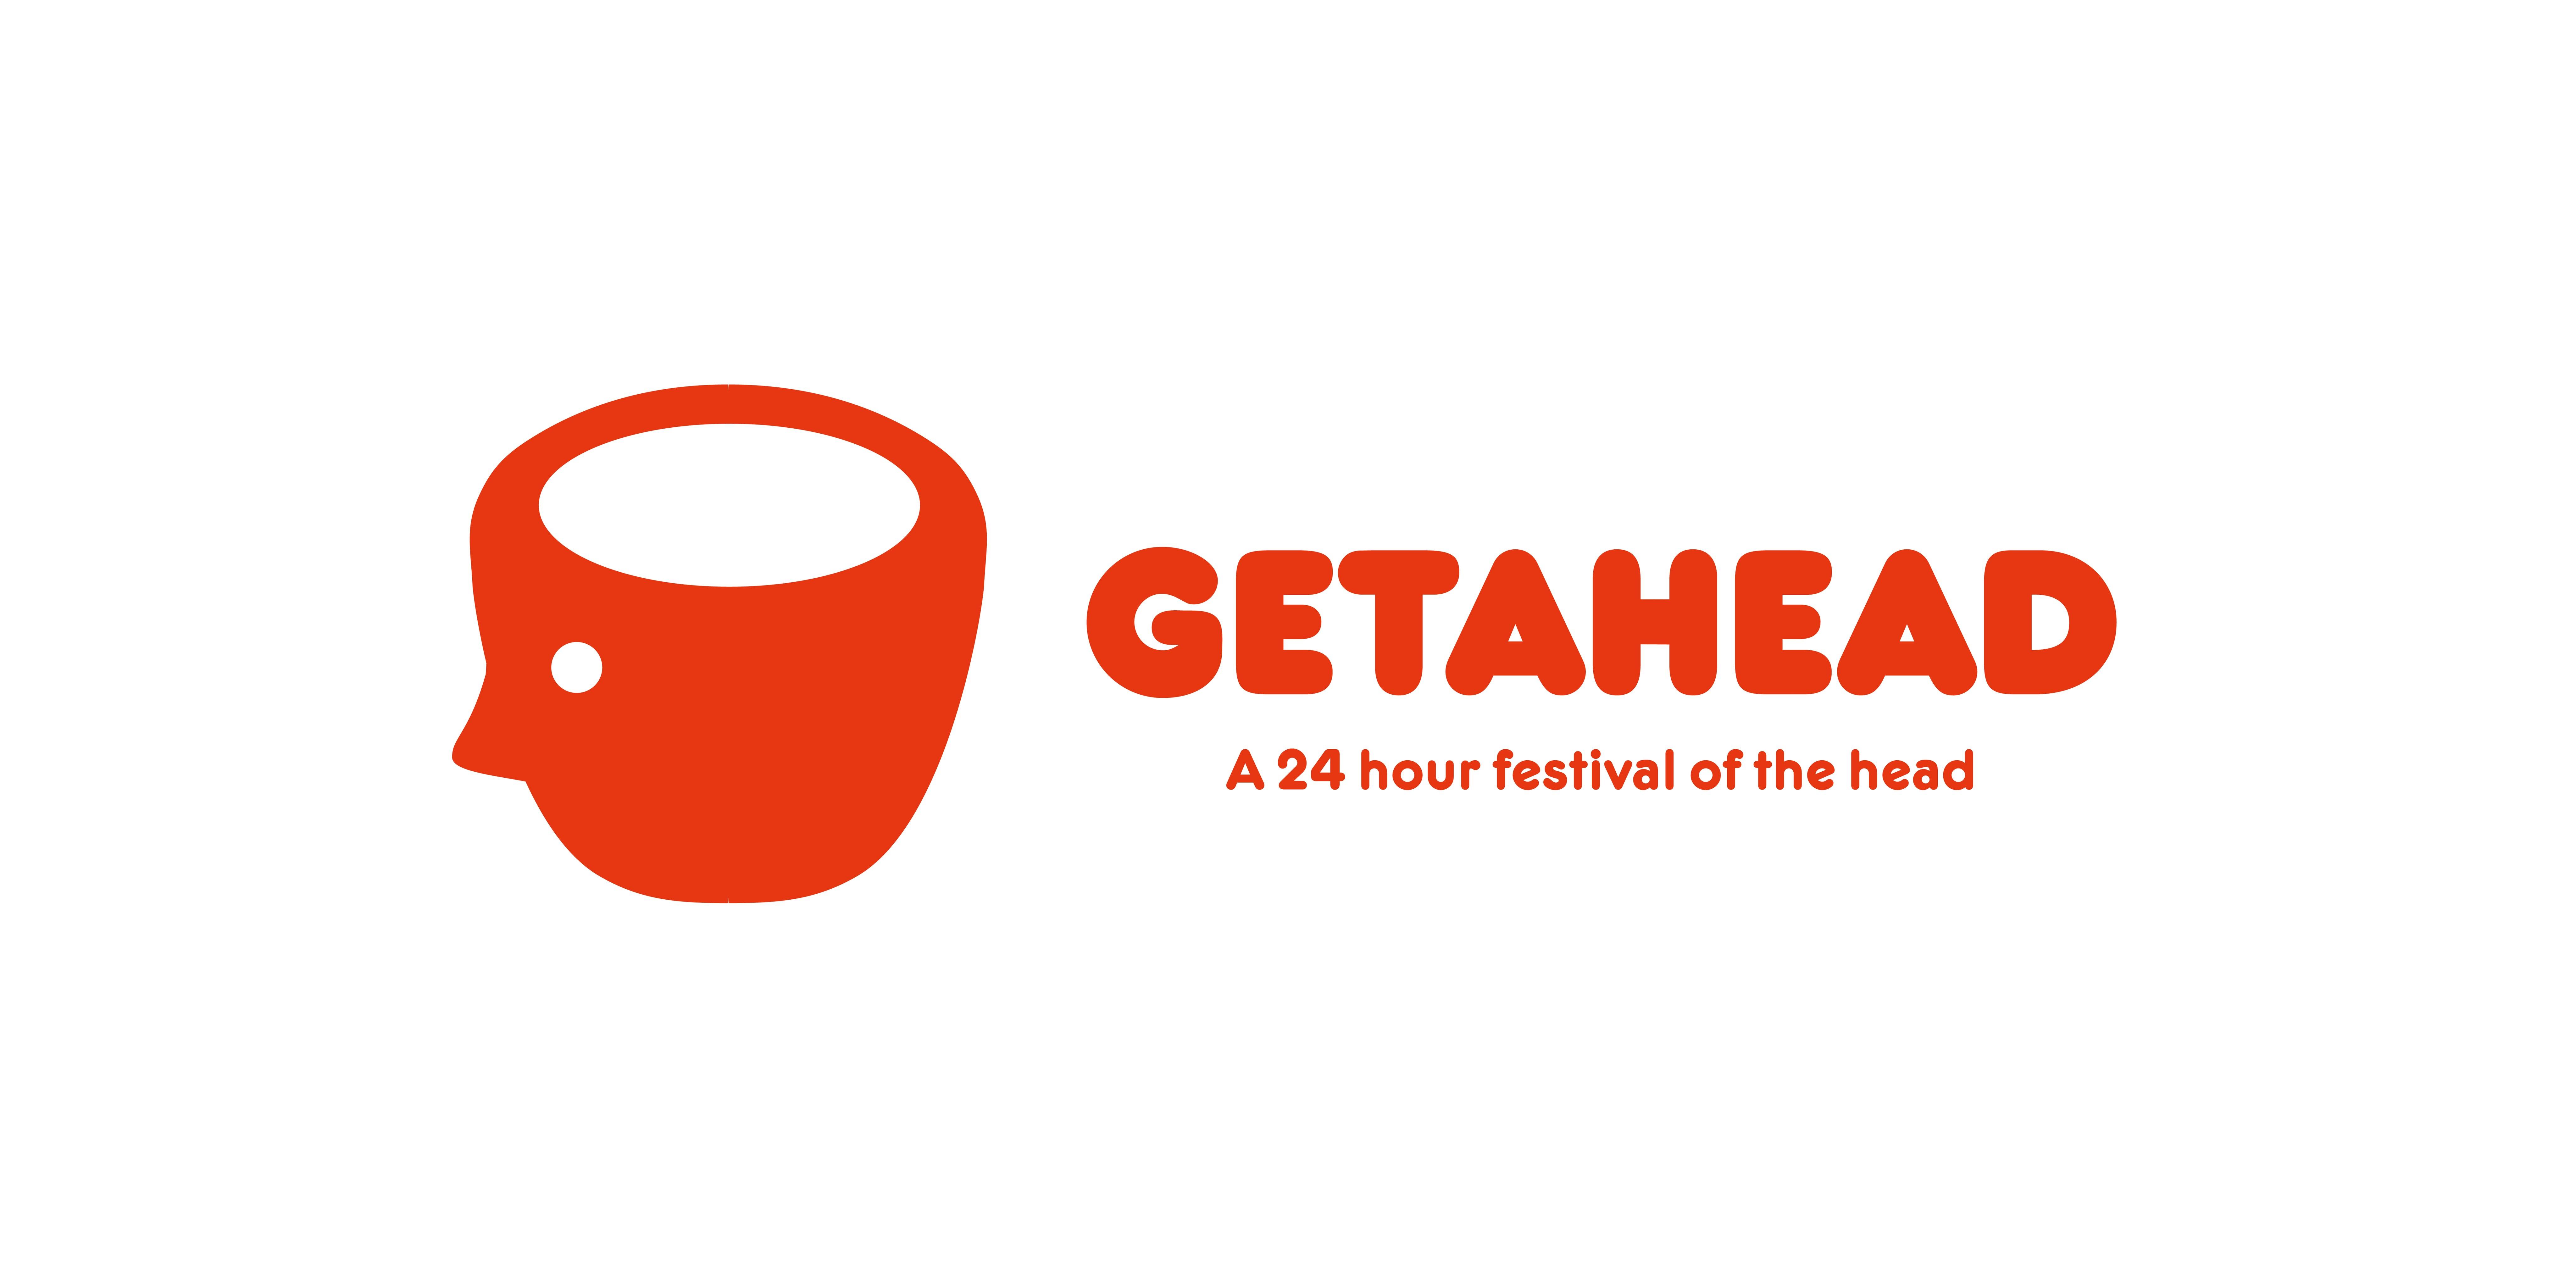 Getahead